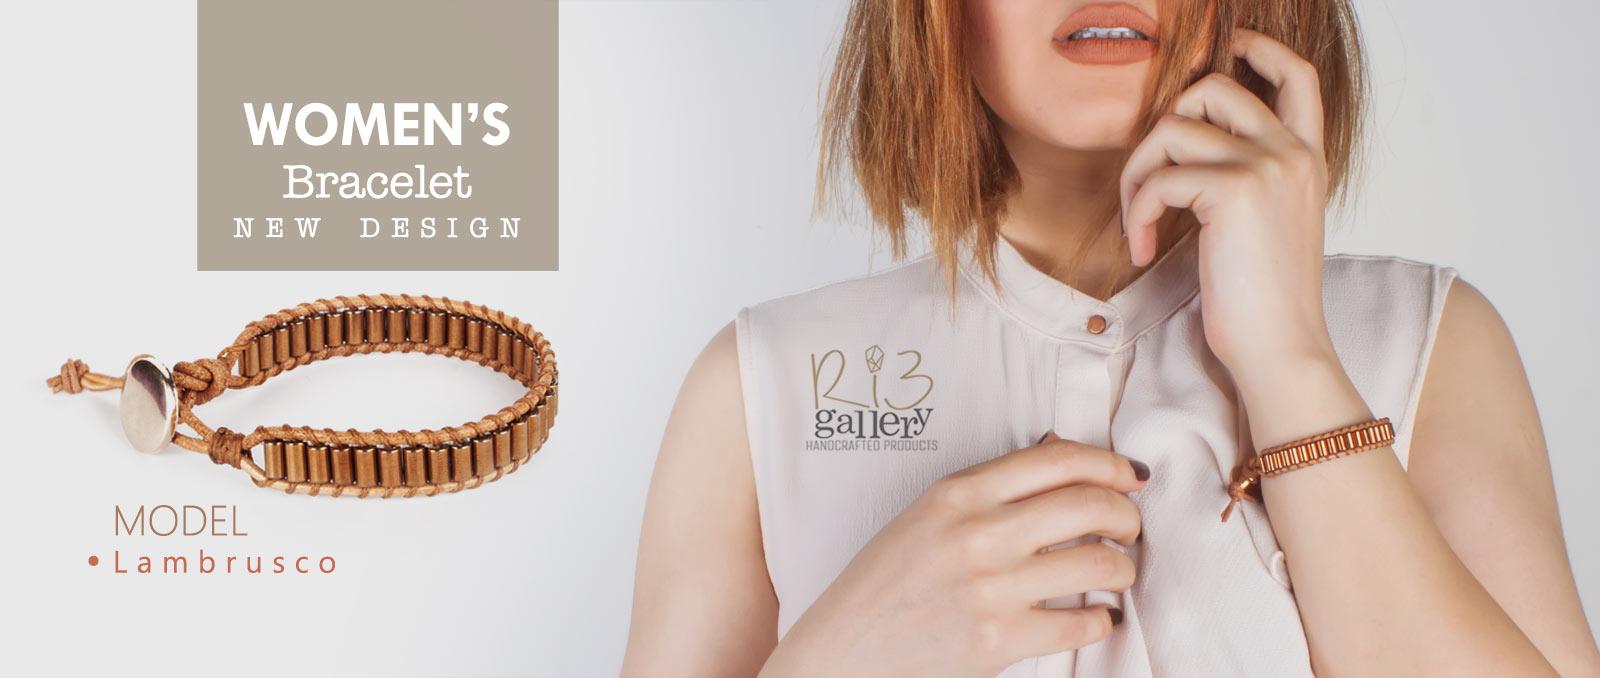 دستبند زنانه Lambrusco